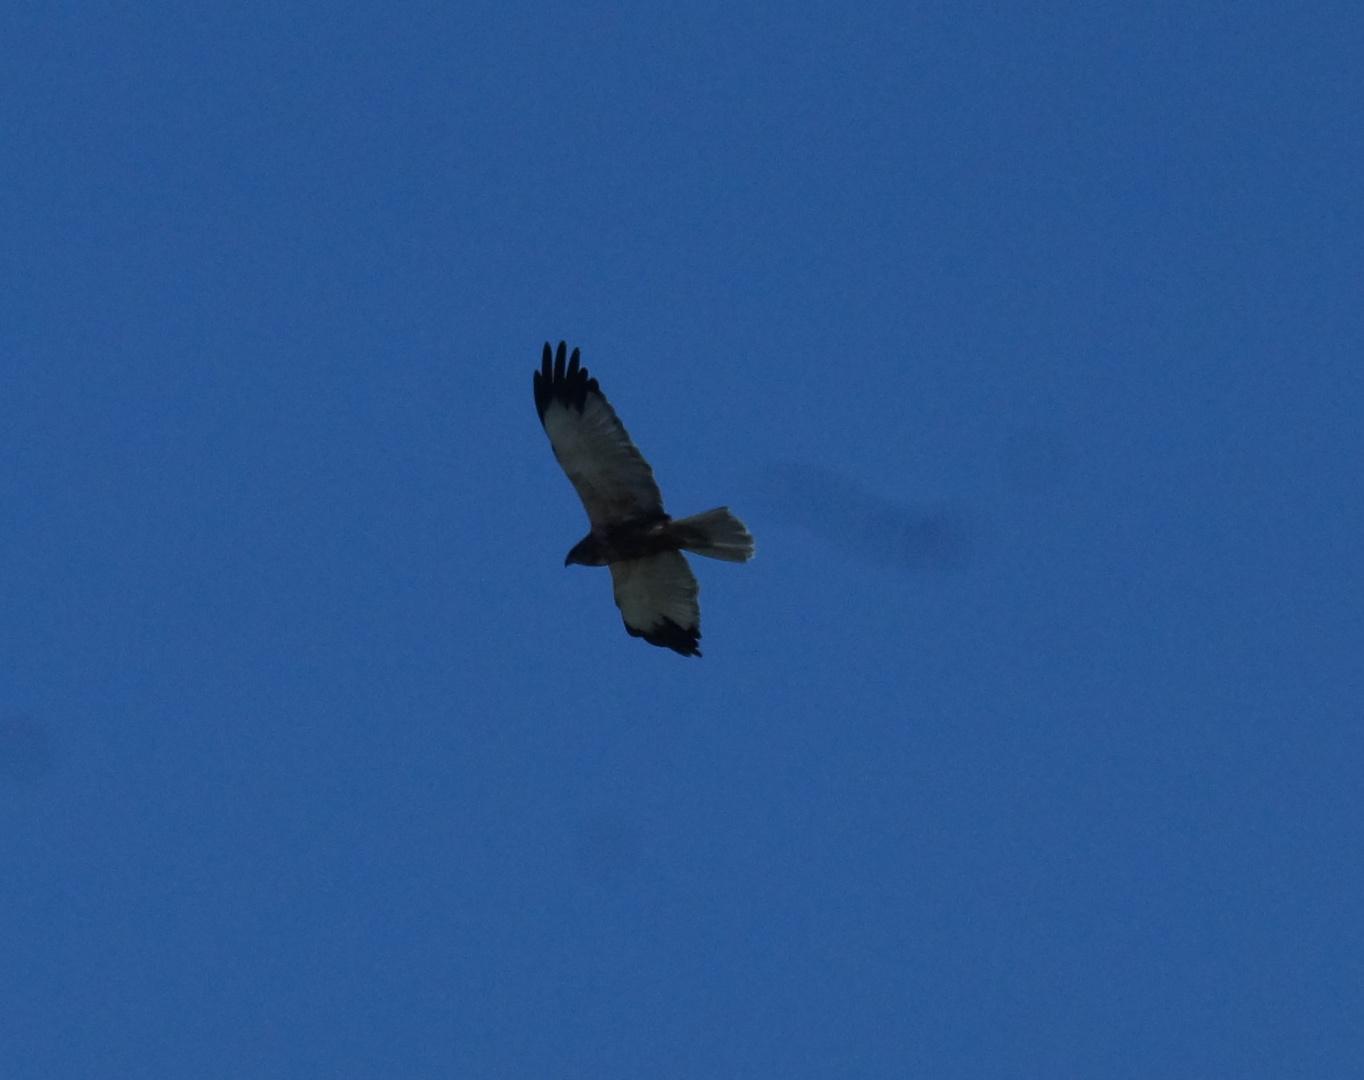 Wer kann diesen Vogel bestimmen?